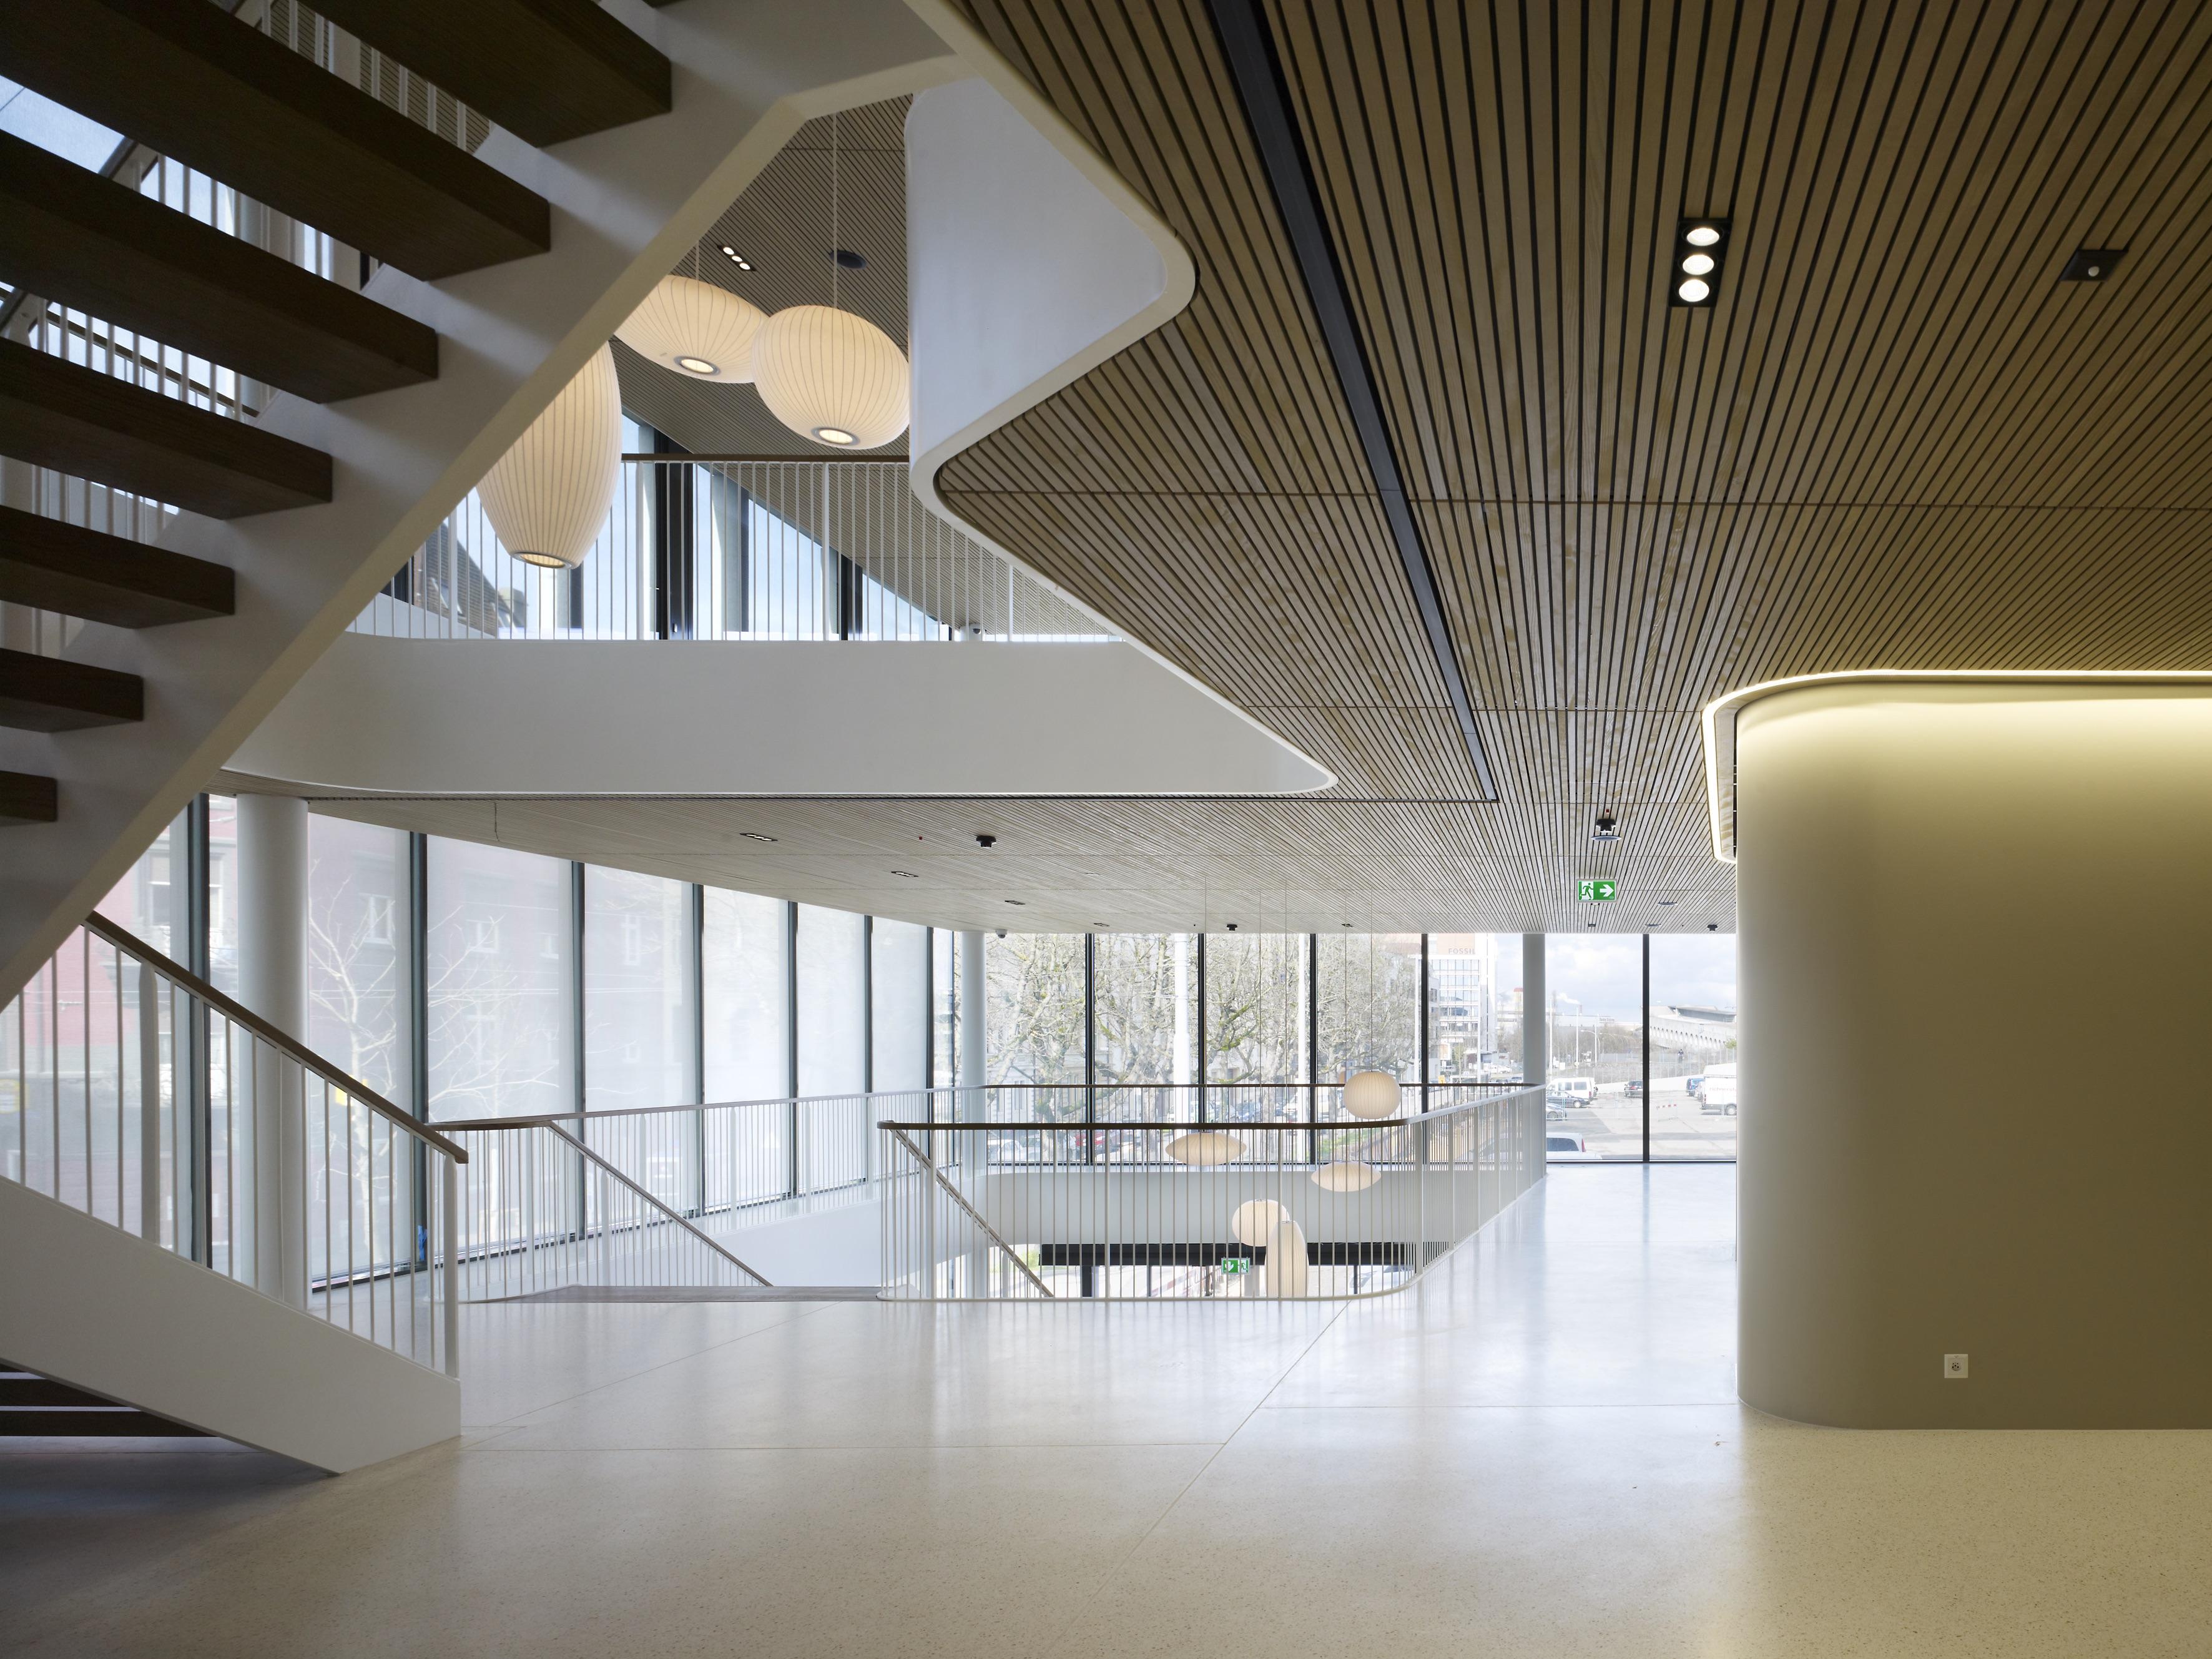 Lichte Innenräume im neuen Fossil-Hauptsitz